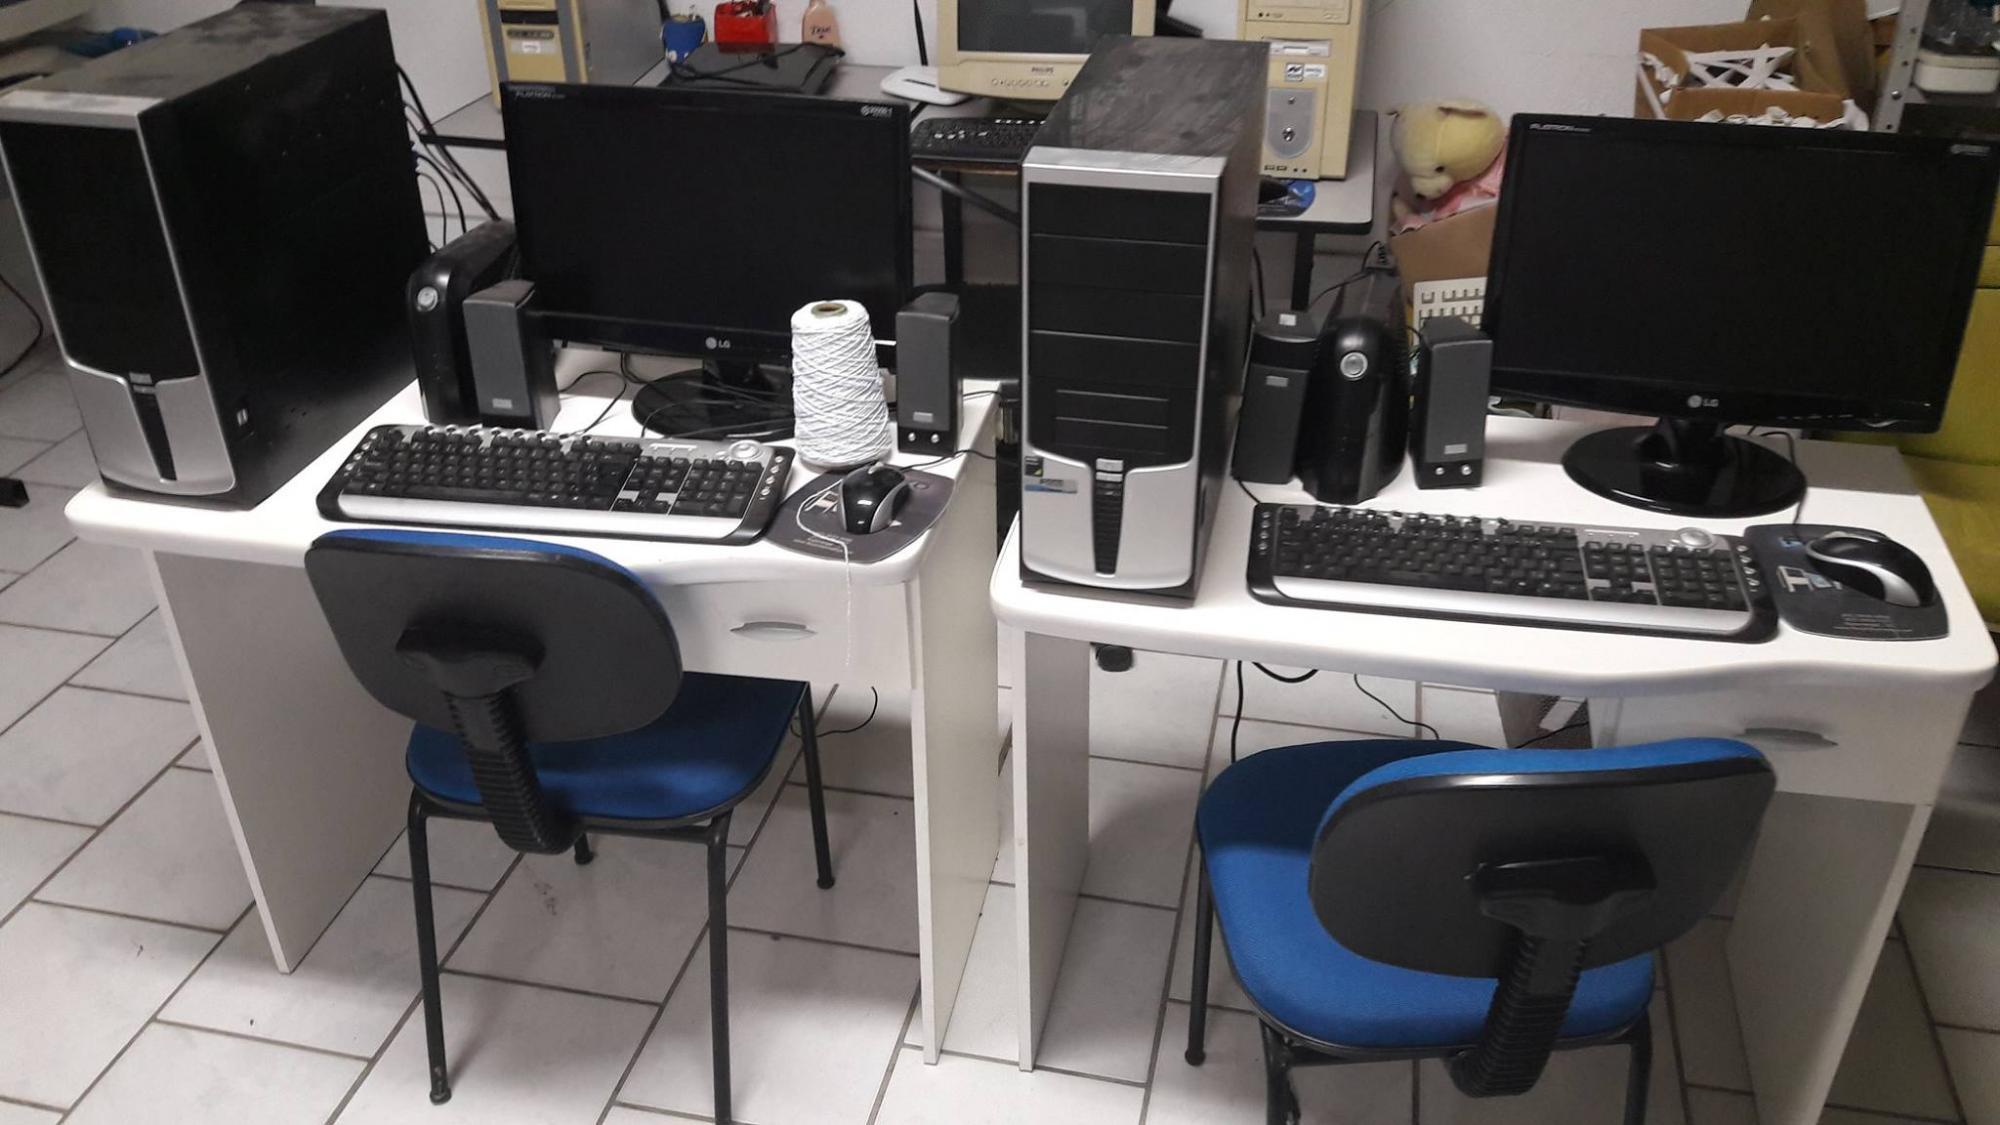 Associação de Pequenos Produtores Rurais de Águas Negras faz doação de computadores para entidades de Ituporanga